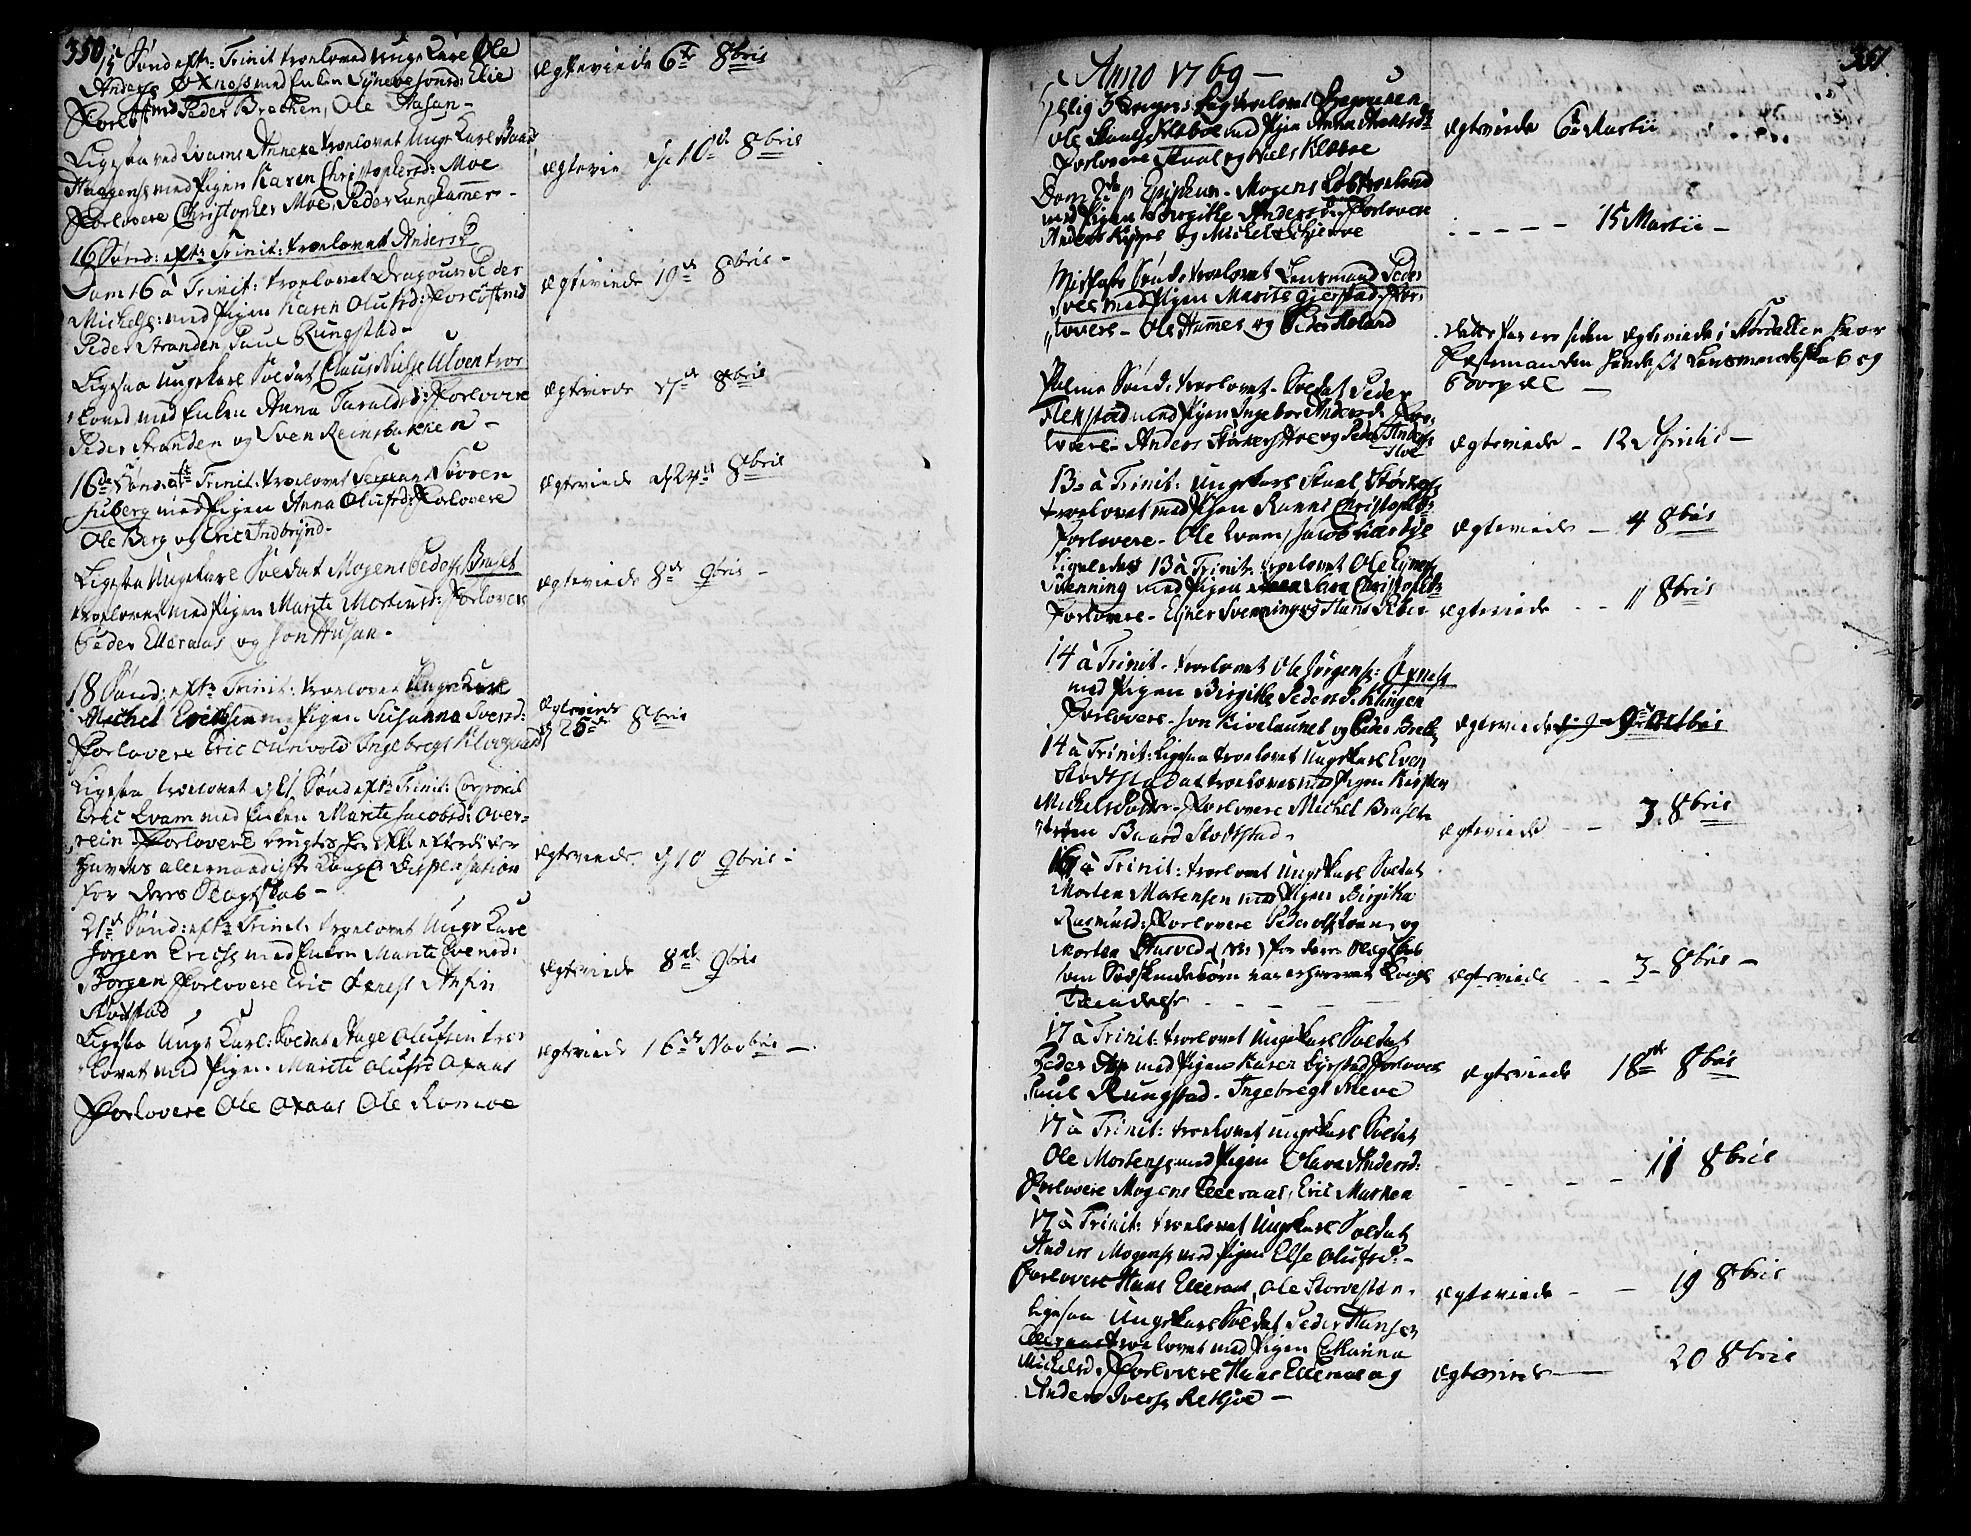 SAT, Ministerialprotokoller, klokkerbøker og fødselsregistre - Nord-Trøndelag, 746/L0440: Ministerialbok nr. 746A02, 1760-1815, s. 350-351